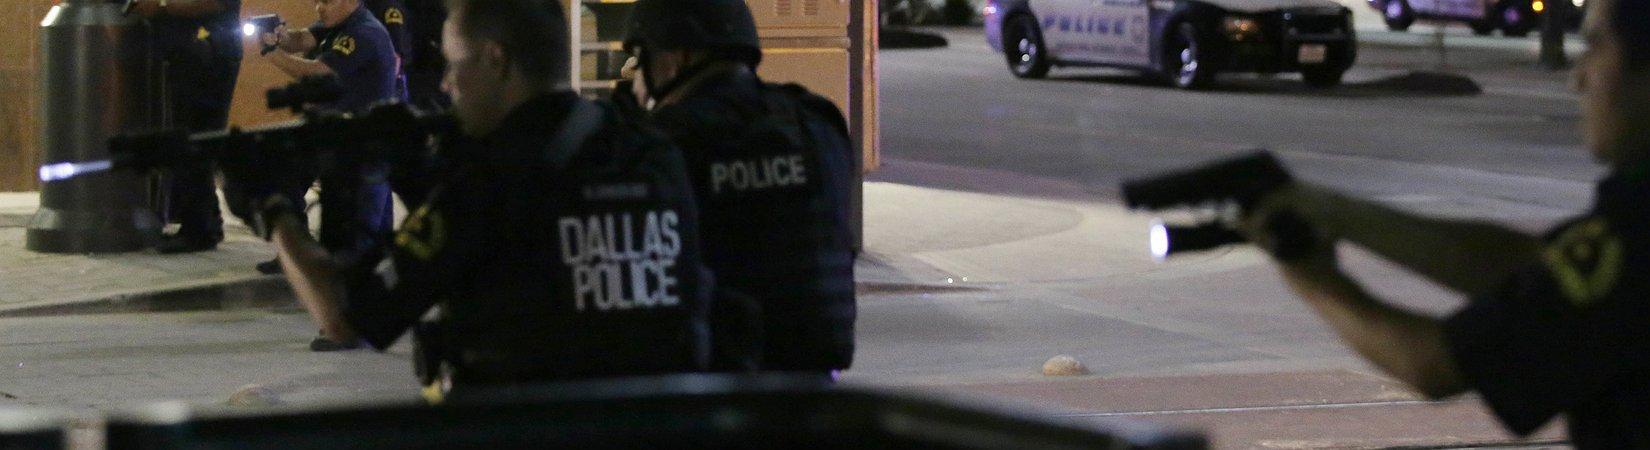 4 policías son abatidos en una manifestación en Dallas